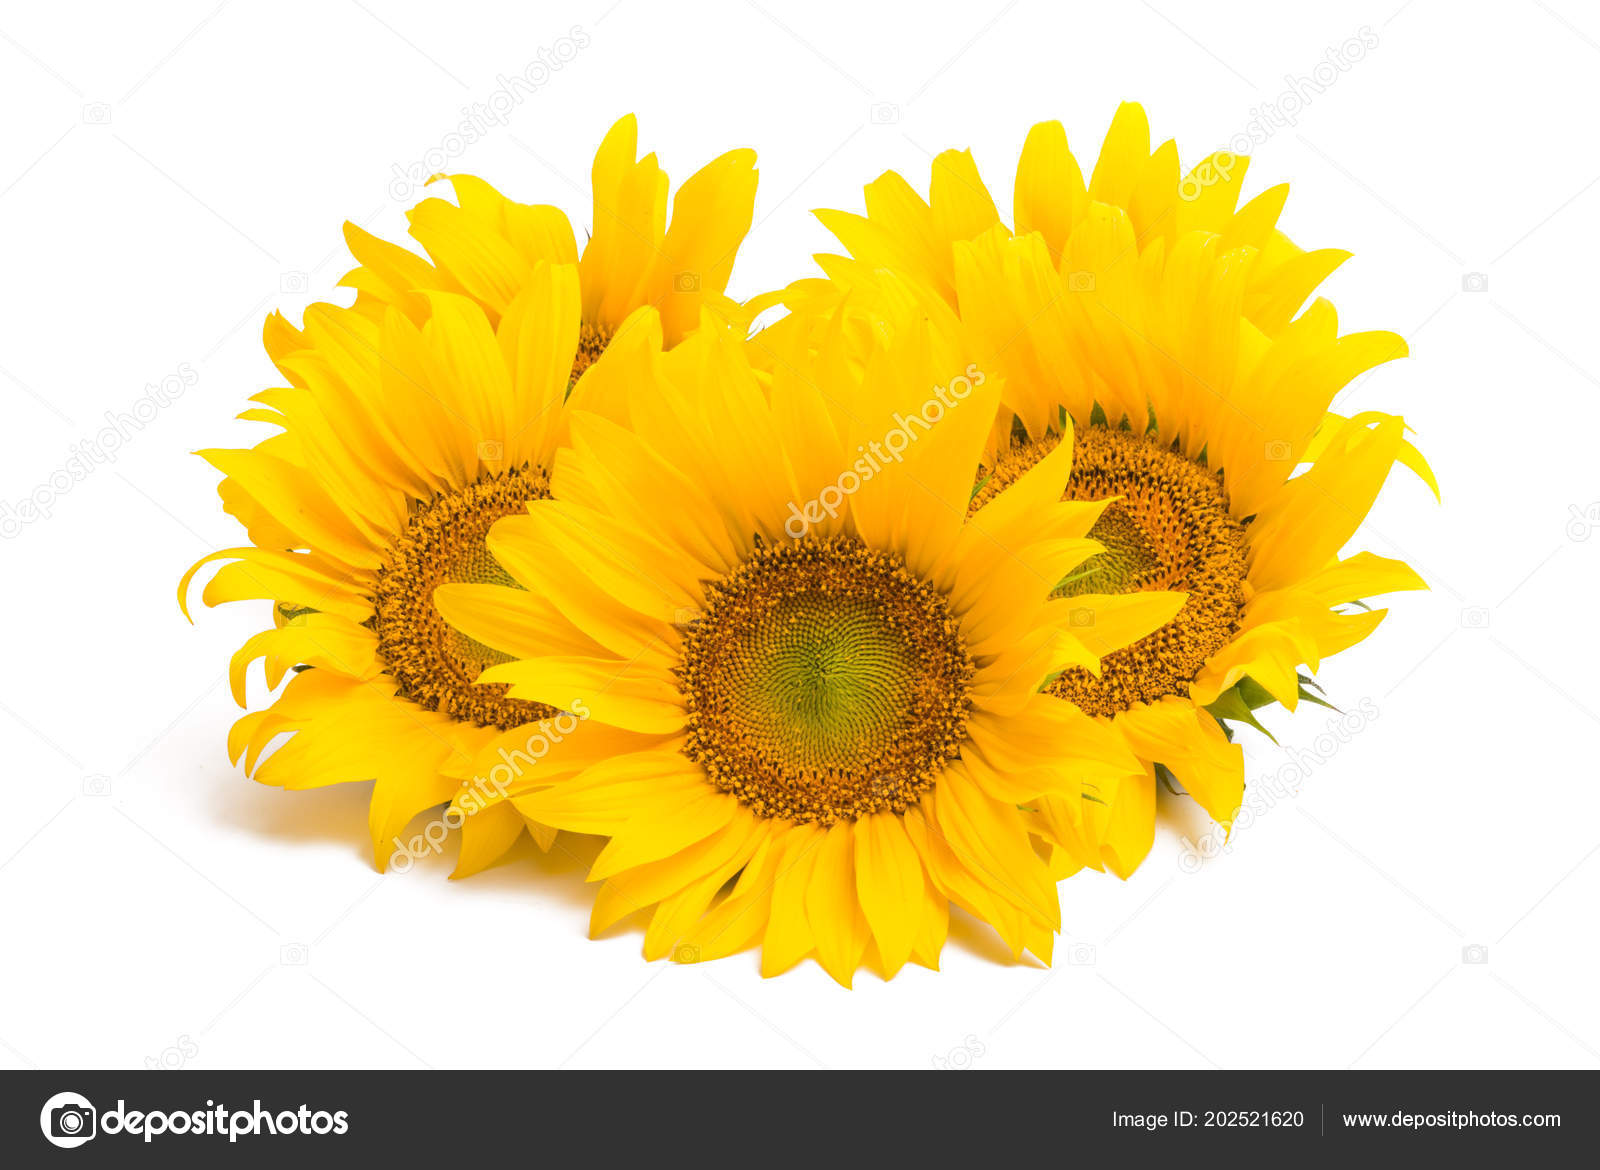 Fleur Tournesol Isole Sur Fond Blanc Photographie Ksena32 C 202521620